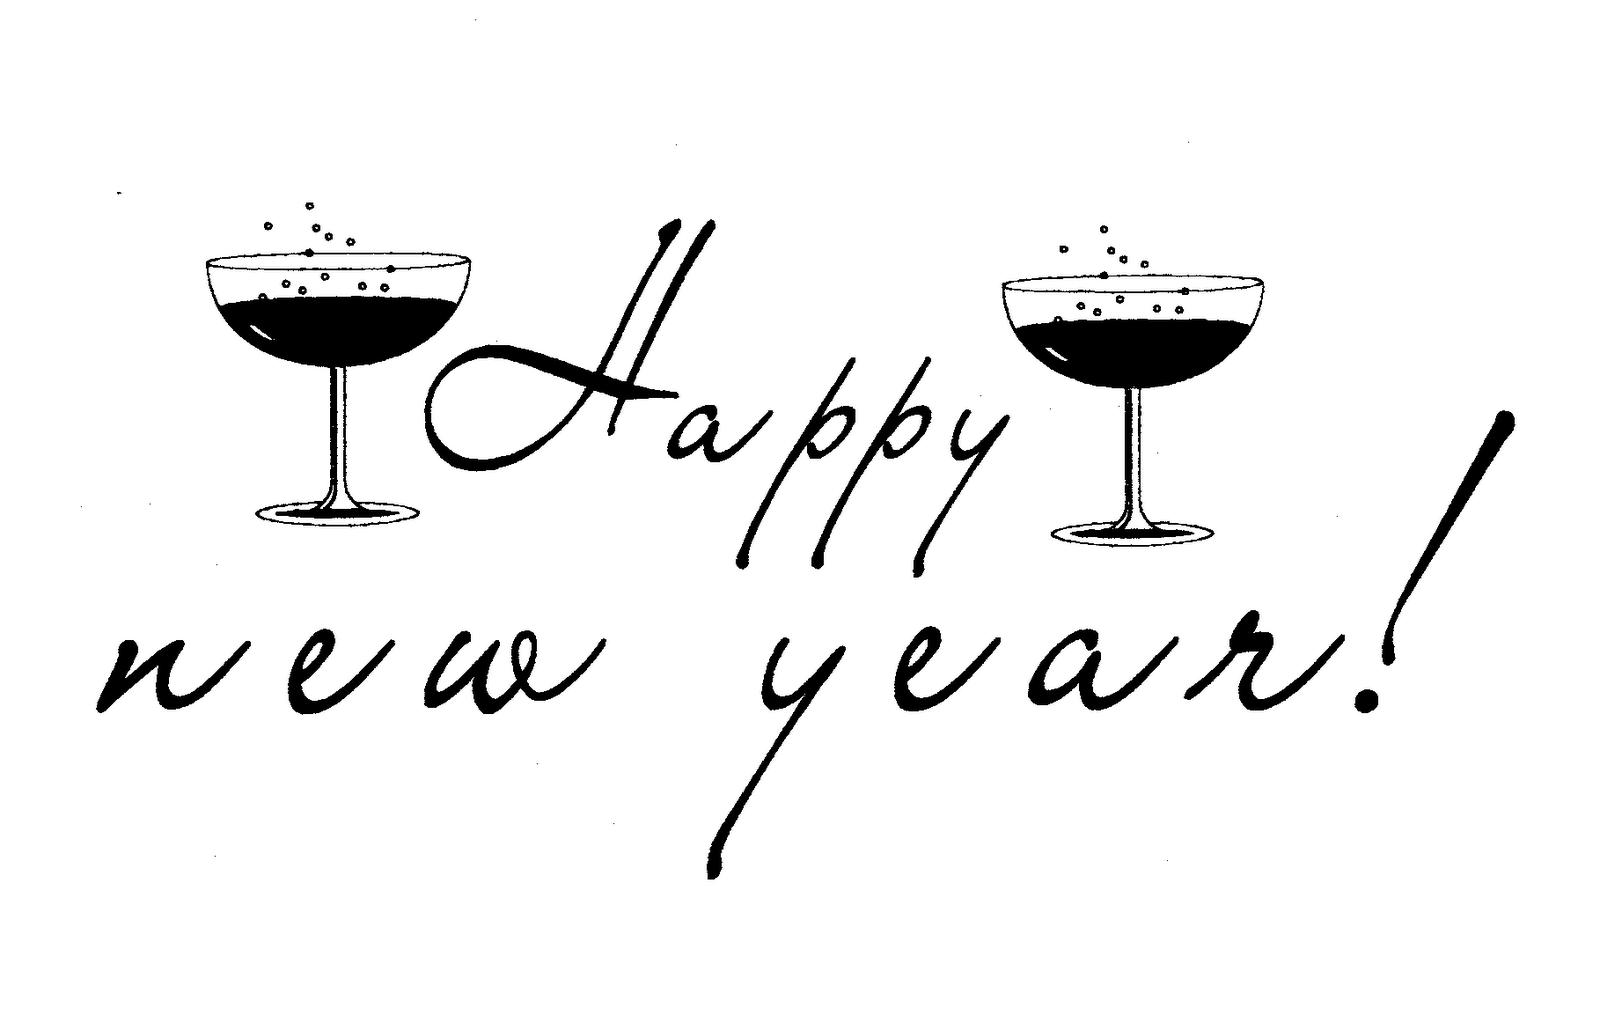 desert diva : New year sentiments!